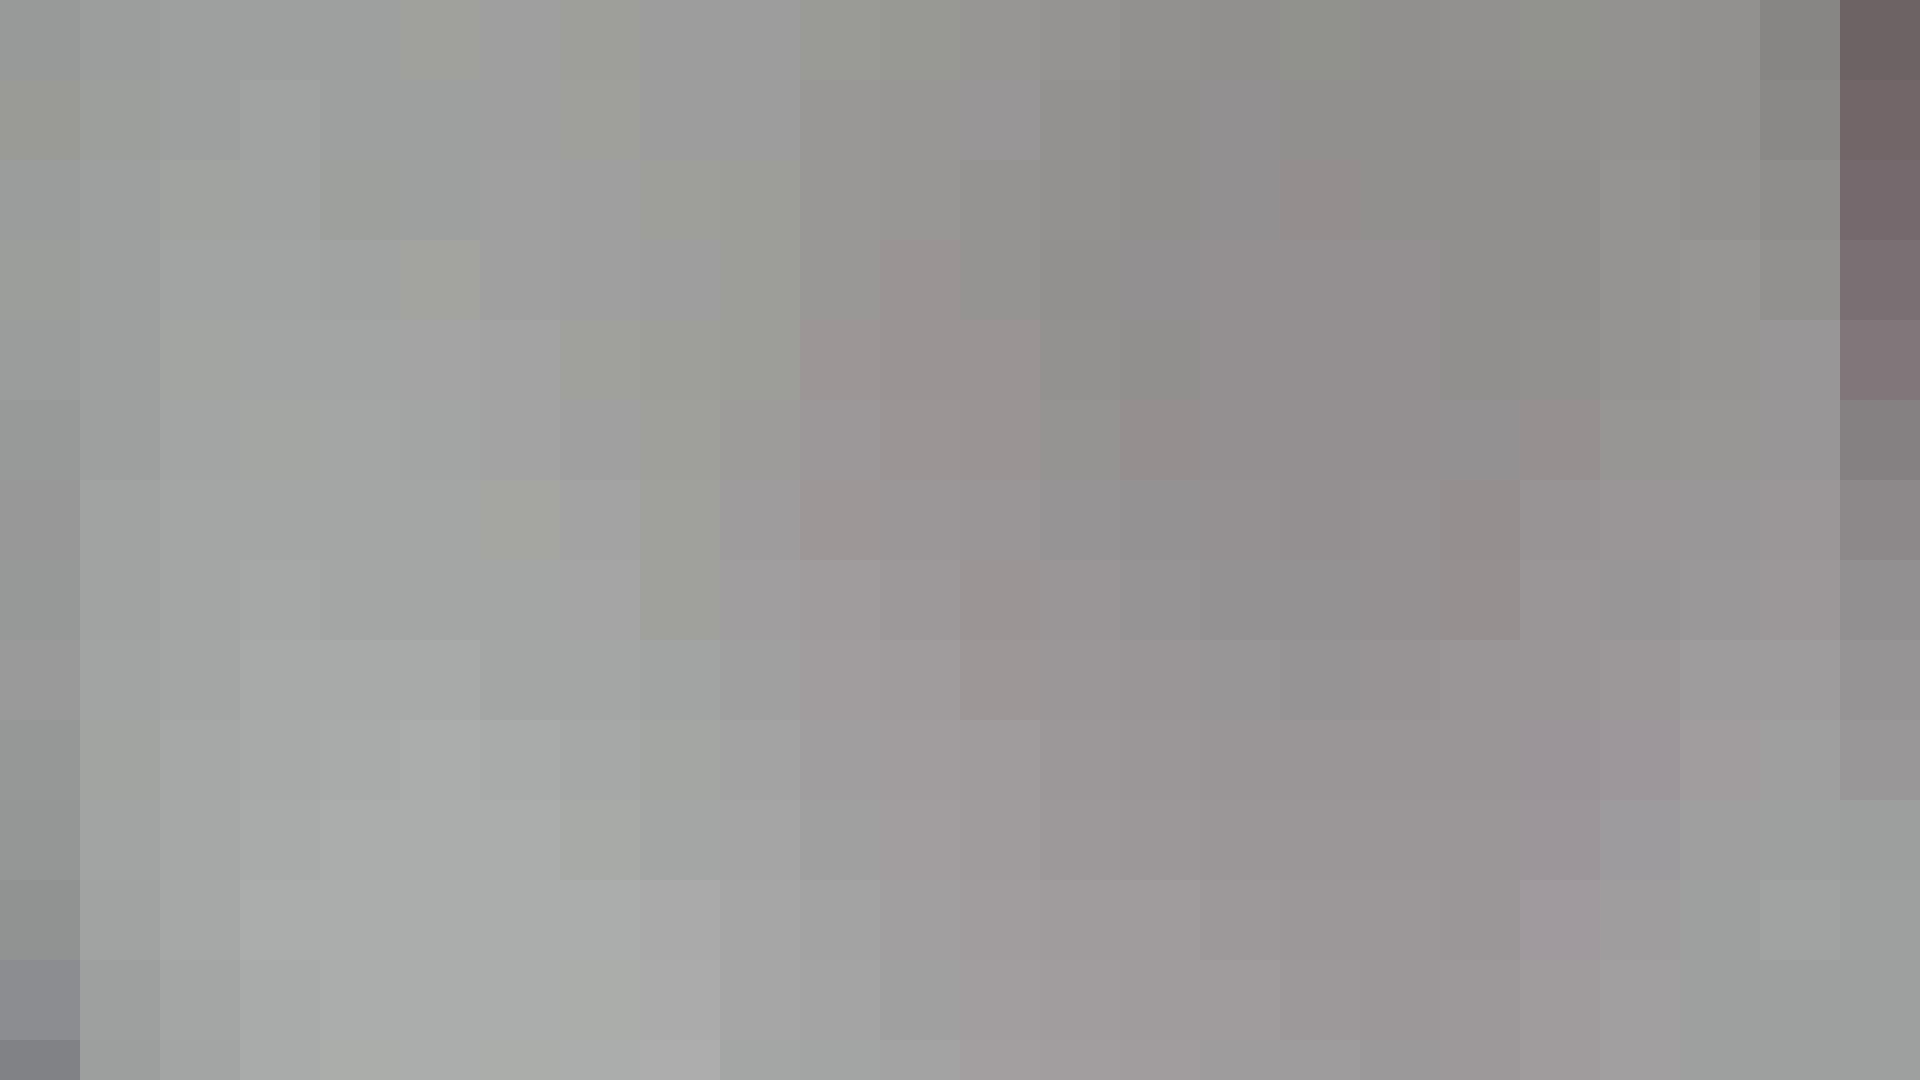 お市さんの「お尻丸出しジャンボリー」No.4 美人編 | 丸見え  104画像 86